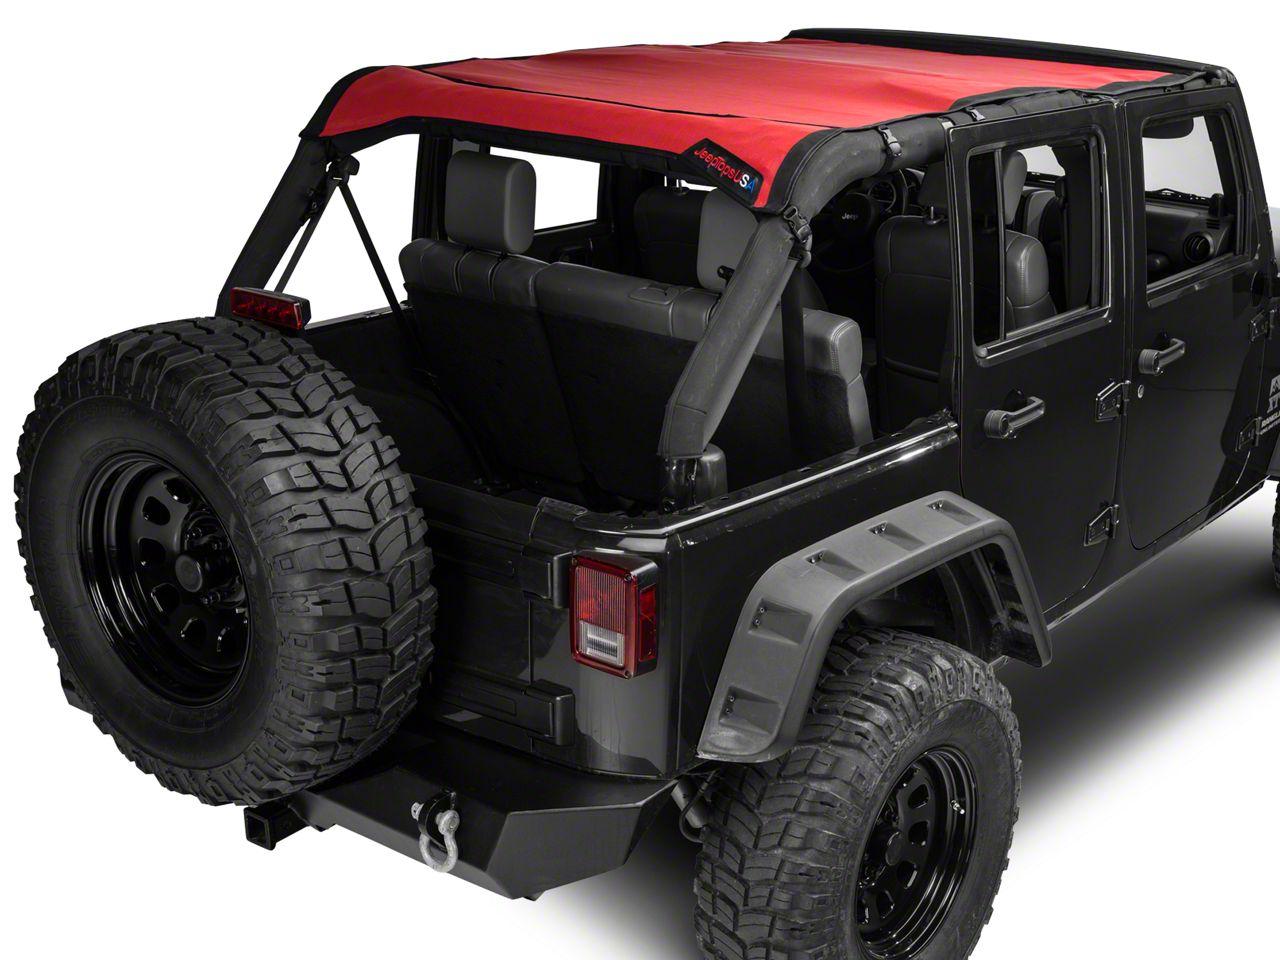 JTopsUSA Mesh Shade Top - Red (07-18 Jeep Wrangler JK 4 Door)